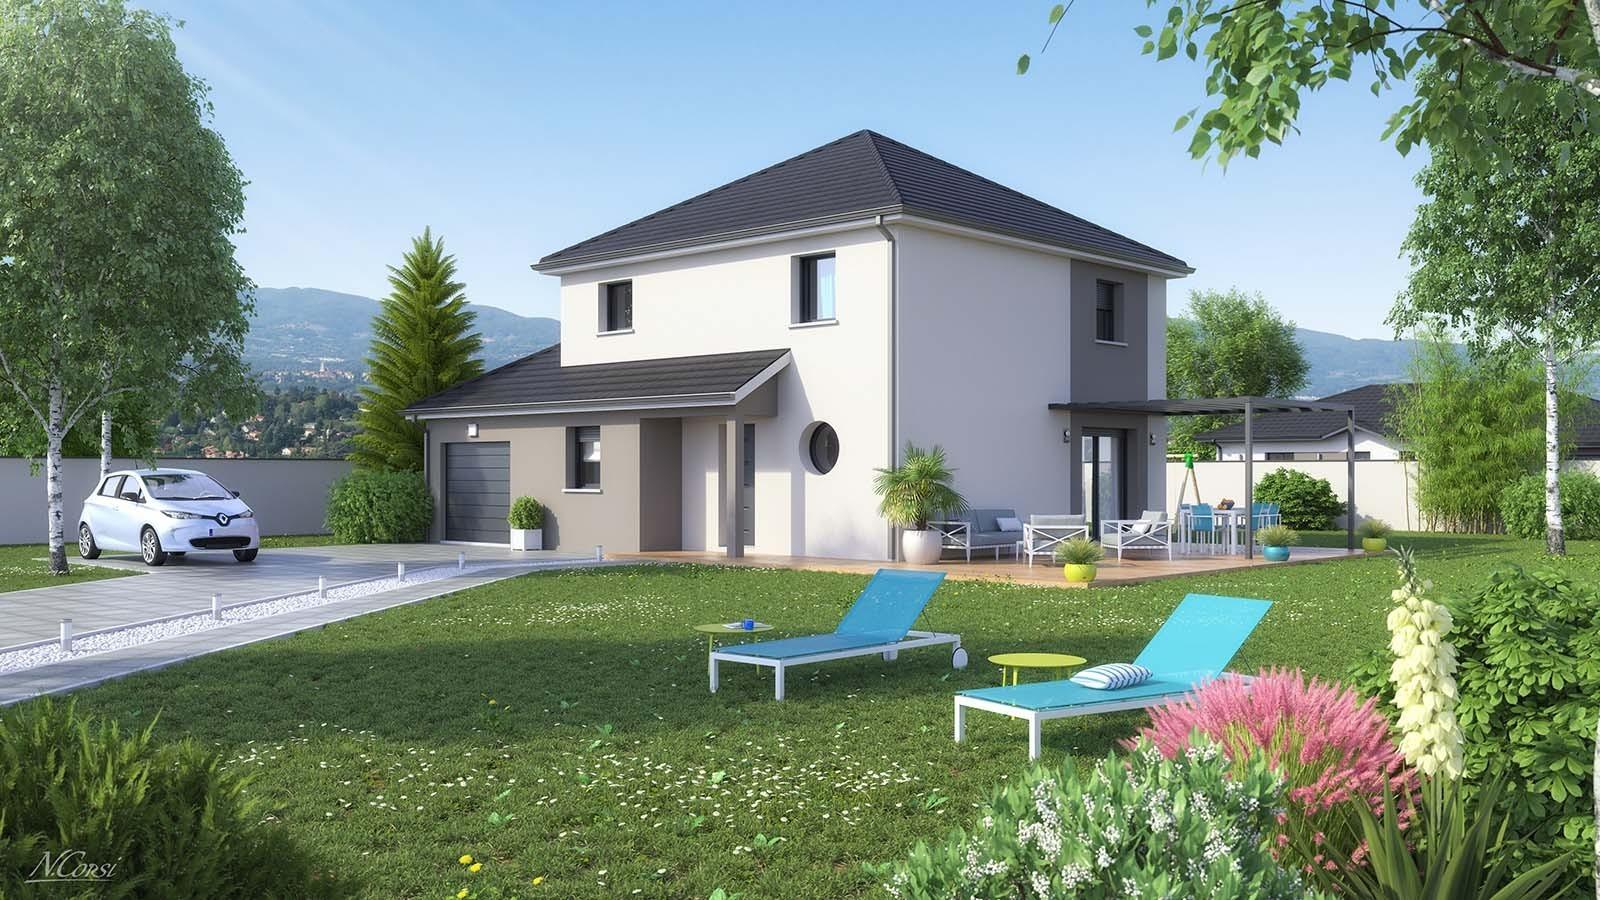 Maisons optimal constructeur de maisons individuelles for Constructeur de maison 70